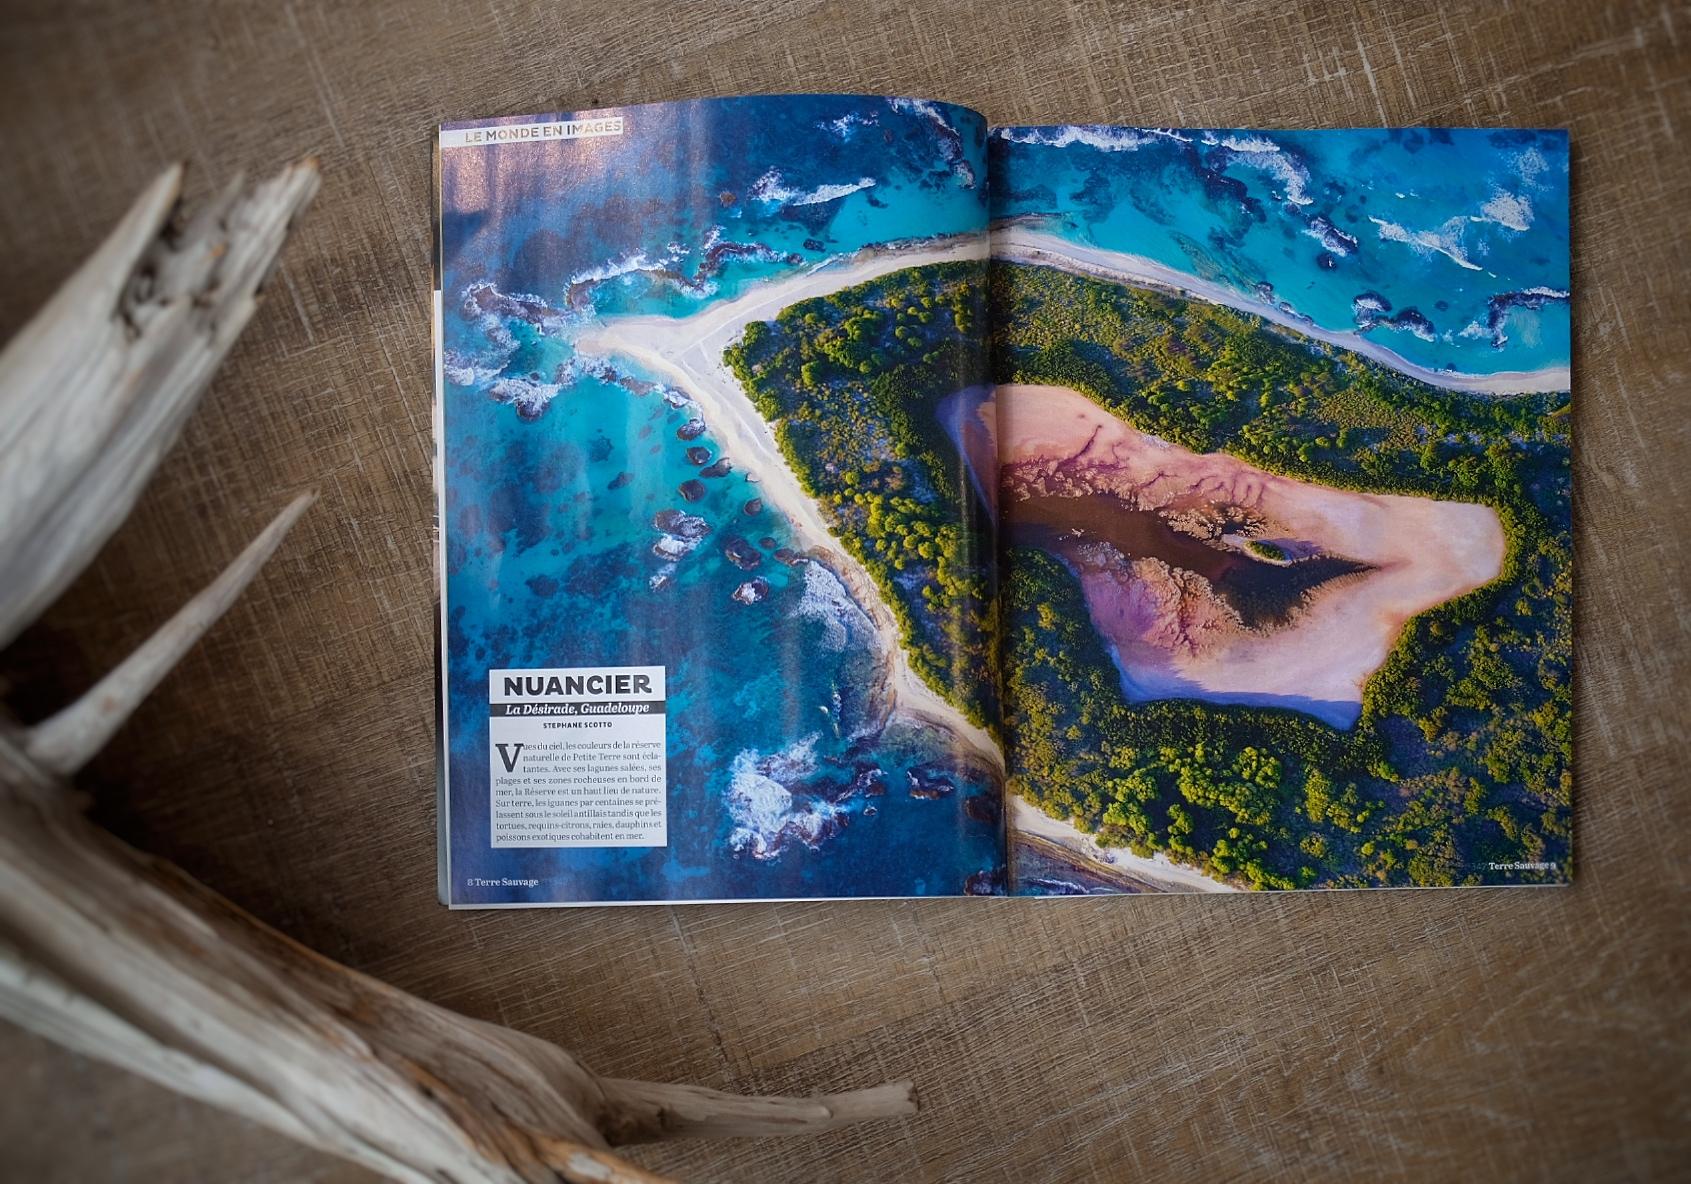 Aprs Les Photos Dillustration Pour Le Dossier Spcial Sentiers Naturels Du Bassin DArcachon Publi En Mai Dernier Cest Au Tour Dune De Mes